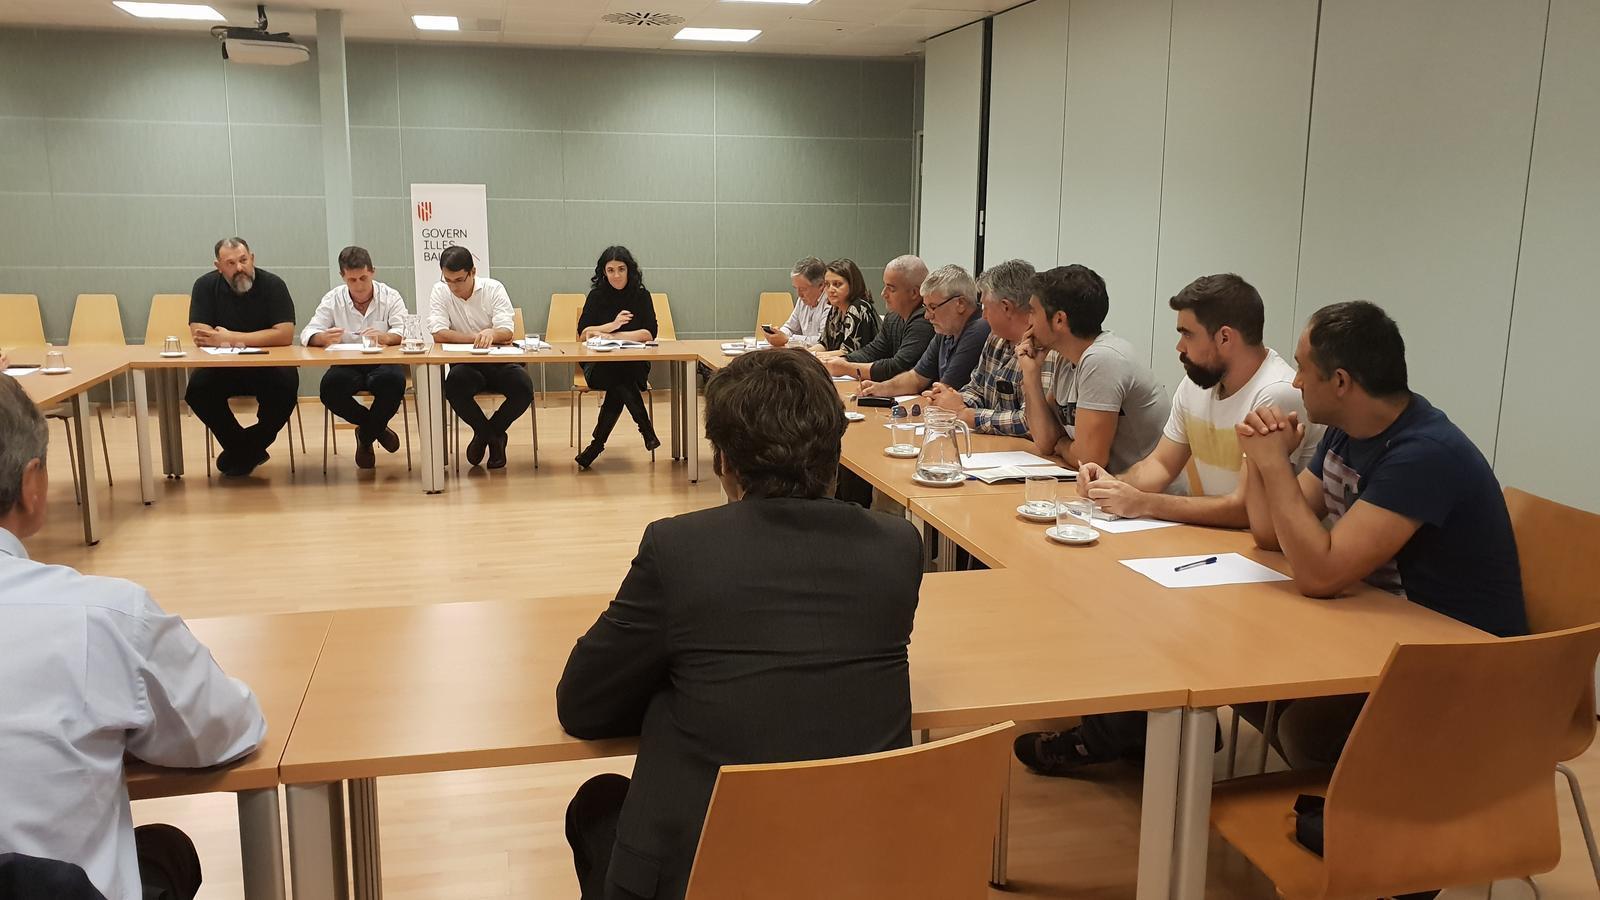 Iago Negueruela intenta pactar una solució pels treballadors de CEMEX